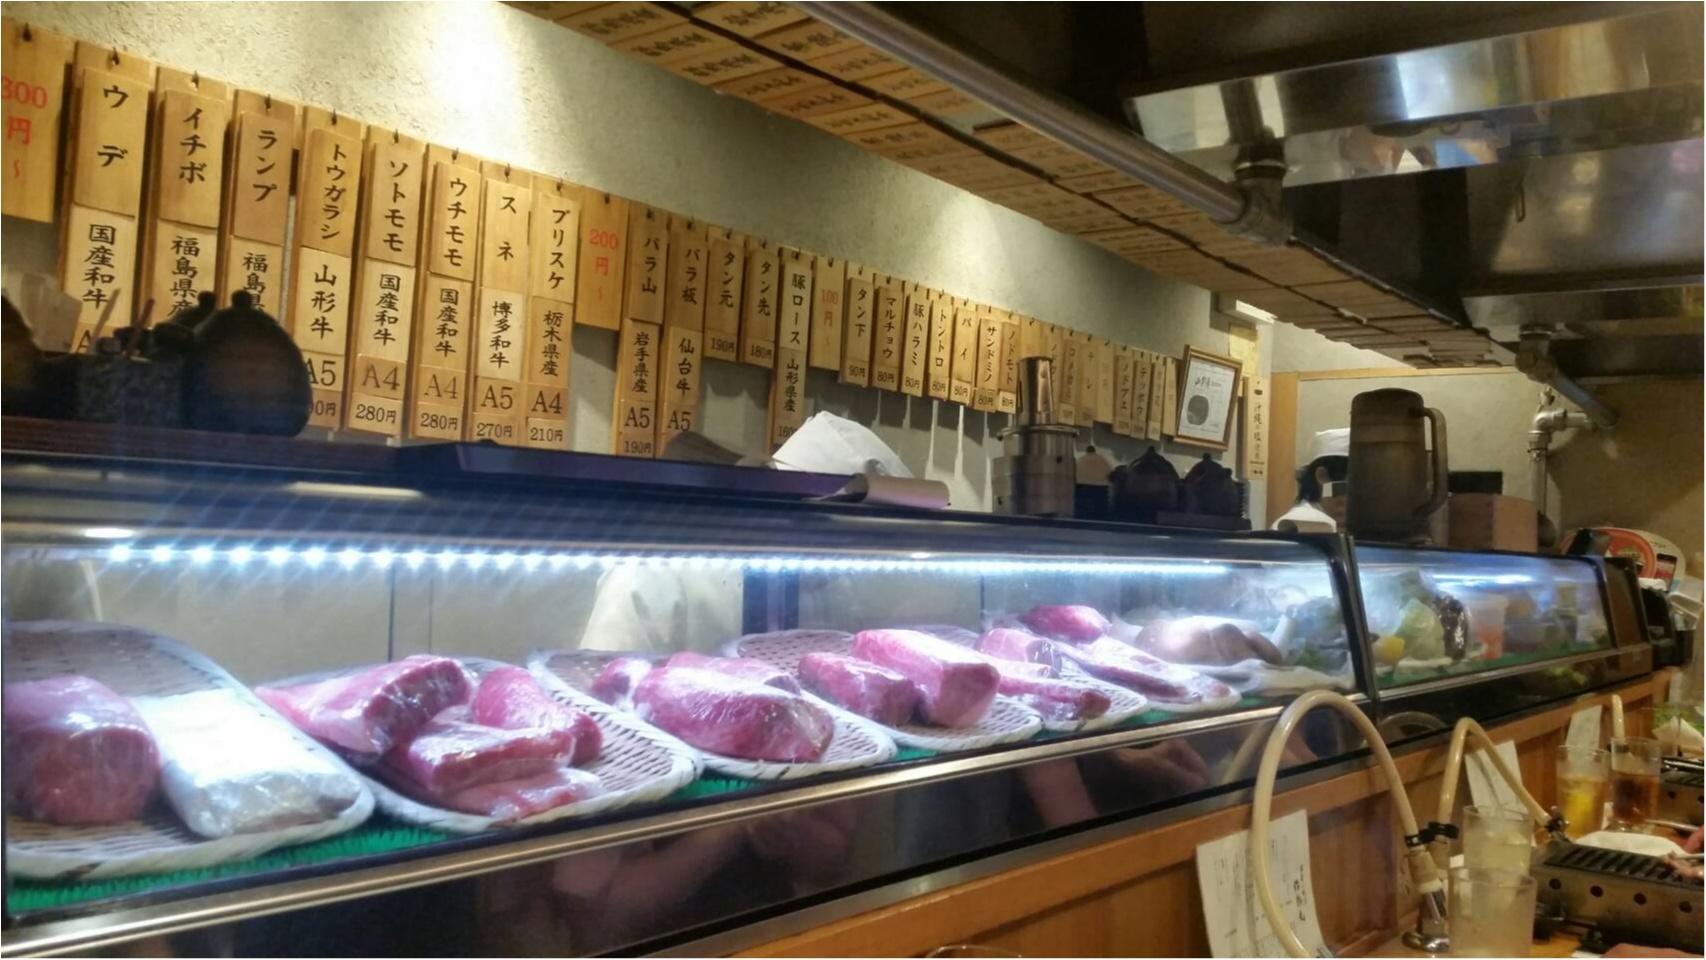 ホルモンがおすすめの焼肉店特集 - 新鮮ホルモンの名店からコスパがいい人気店まで_28